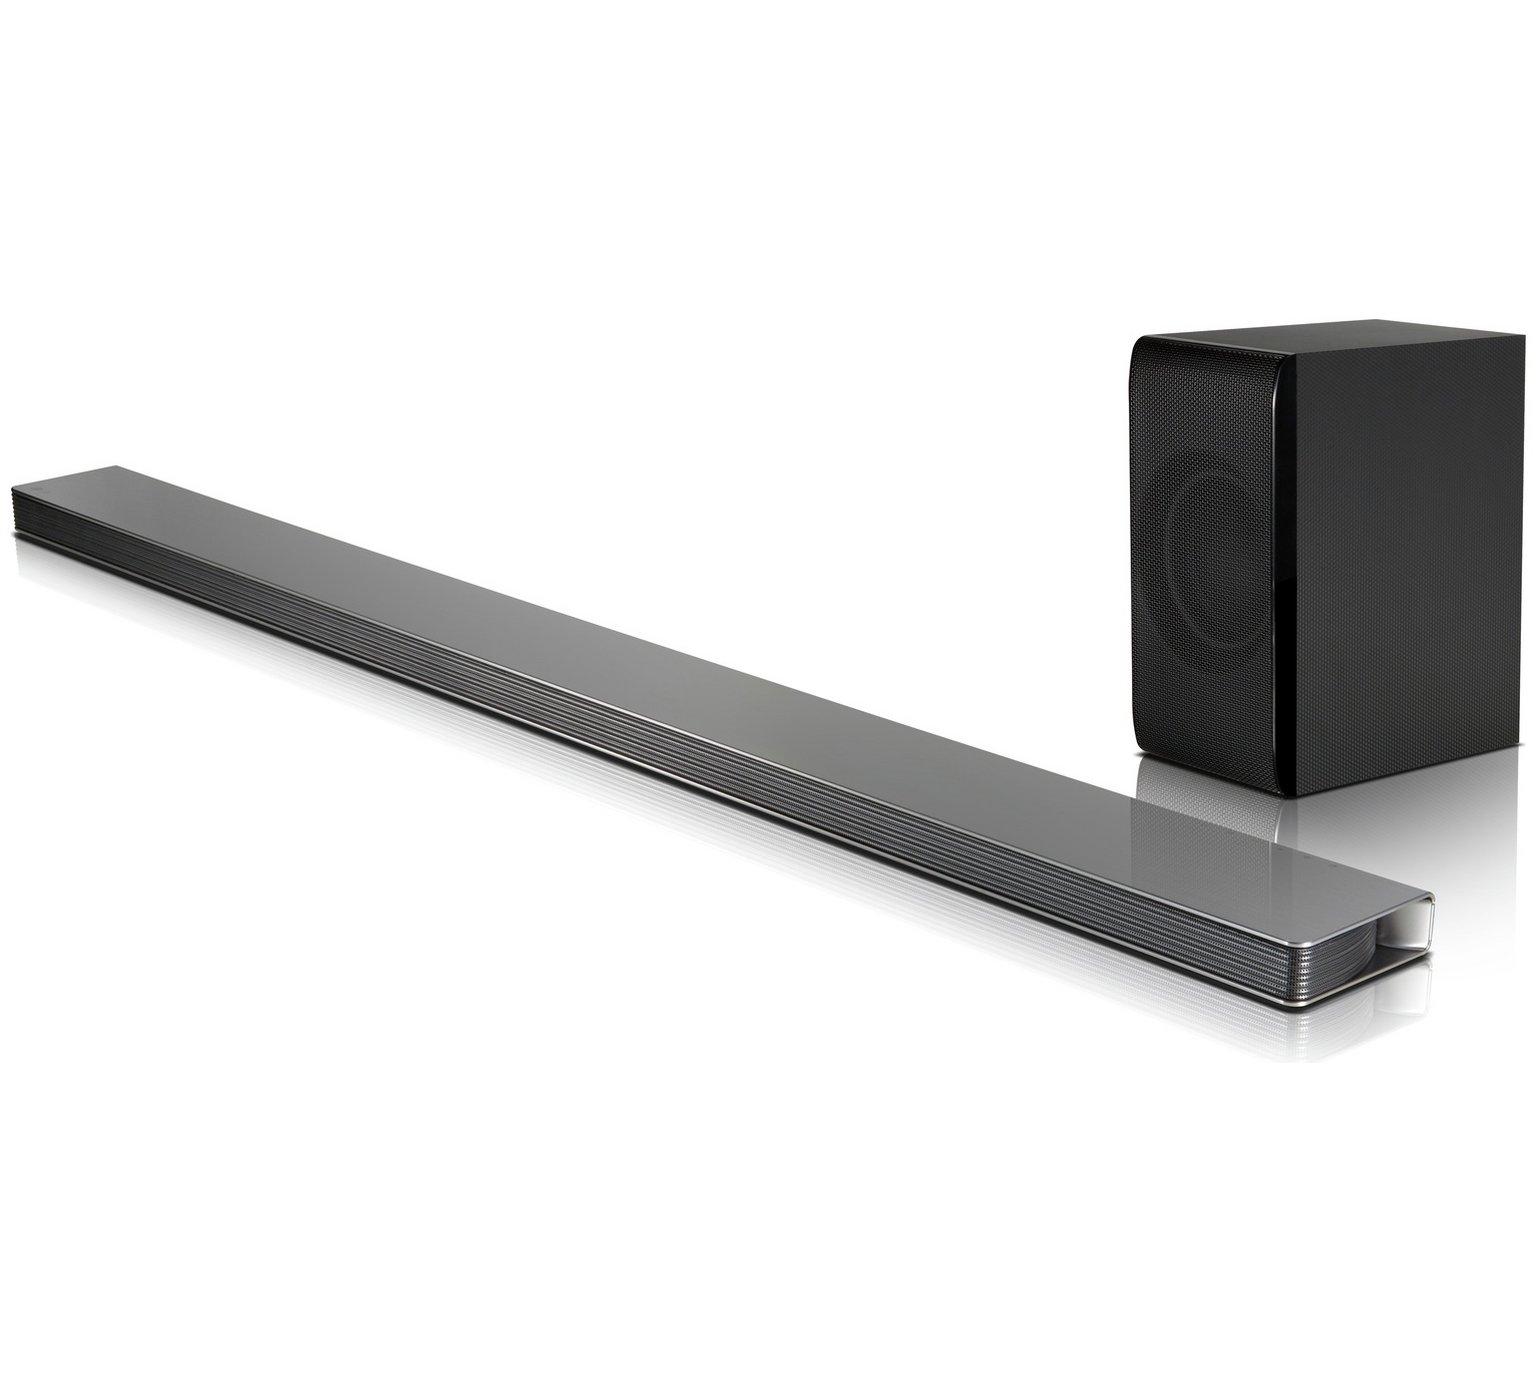 LG SJ8 300W 4.1Ch Sound Bar with Wi - Fi and Bluetooth